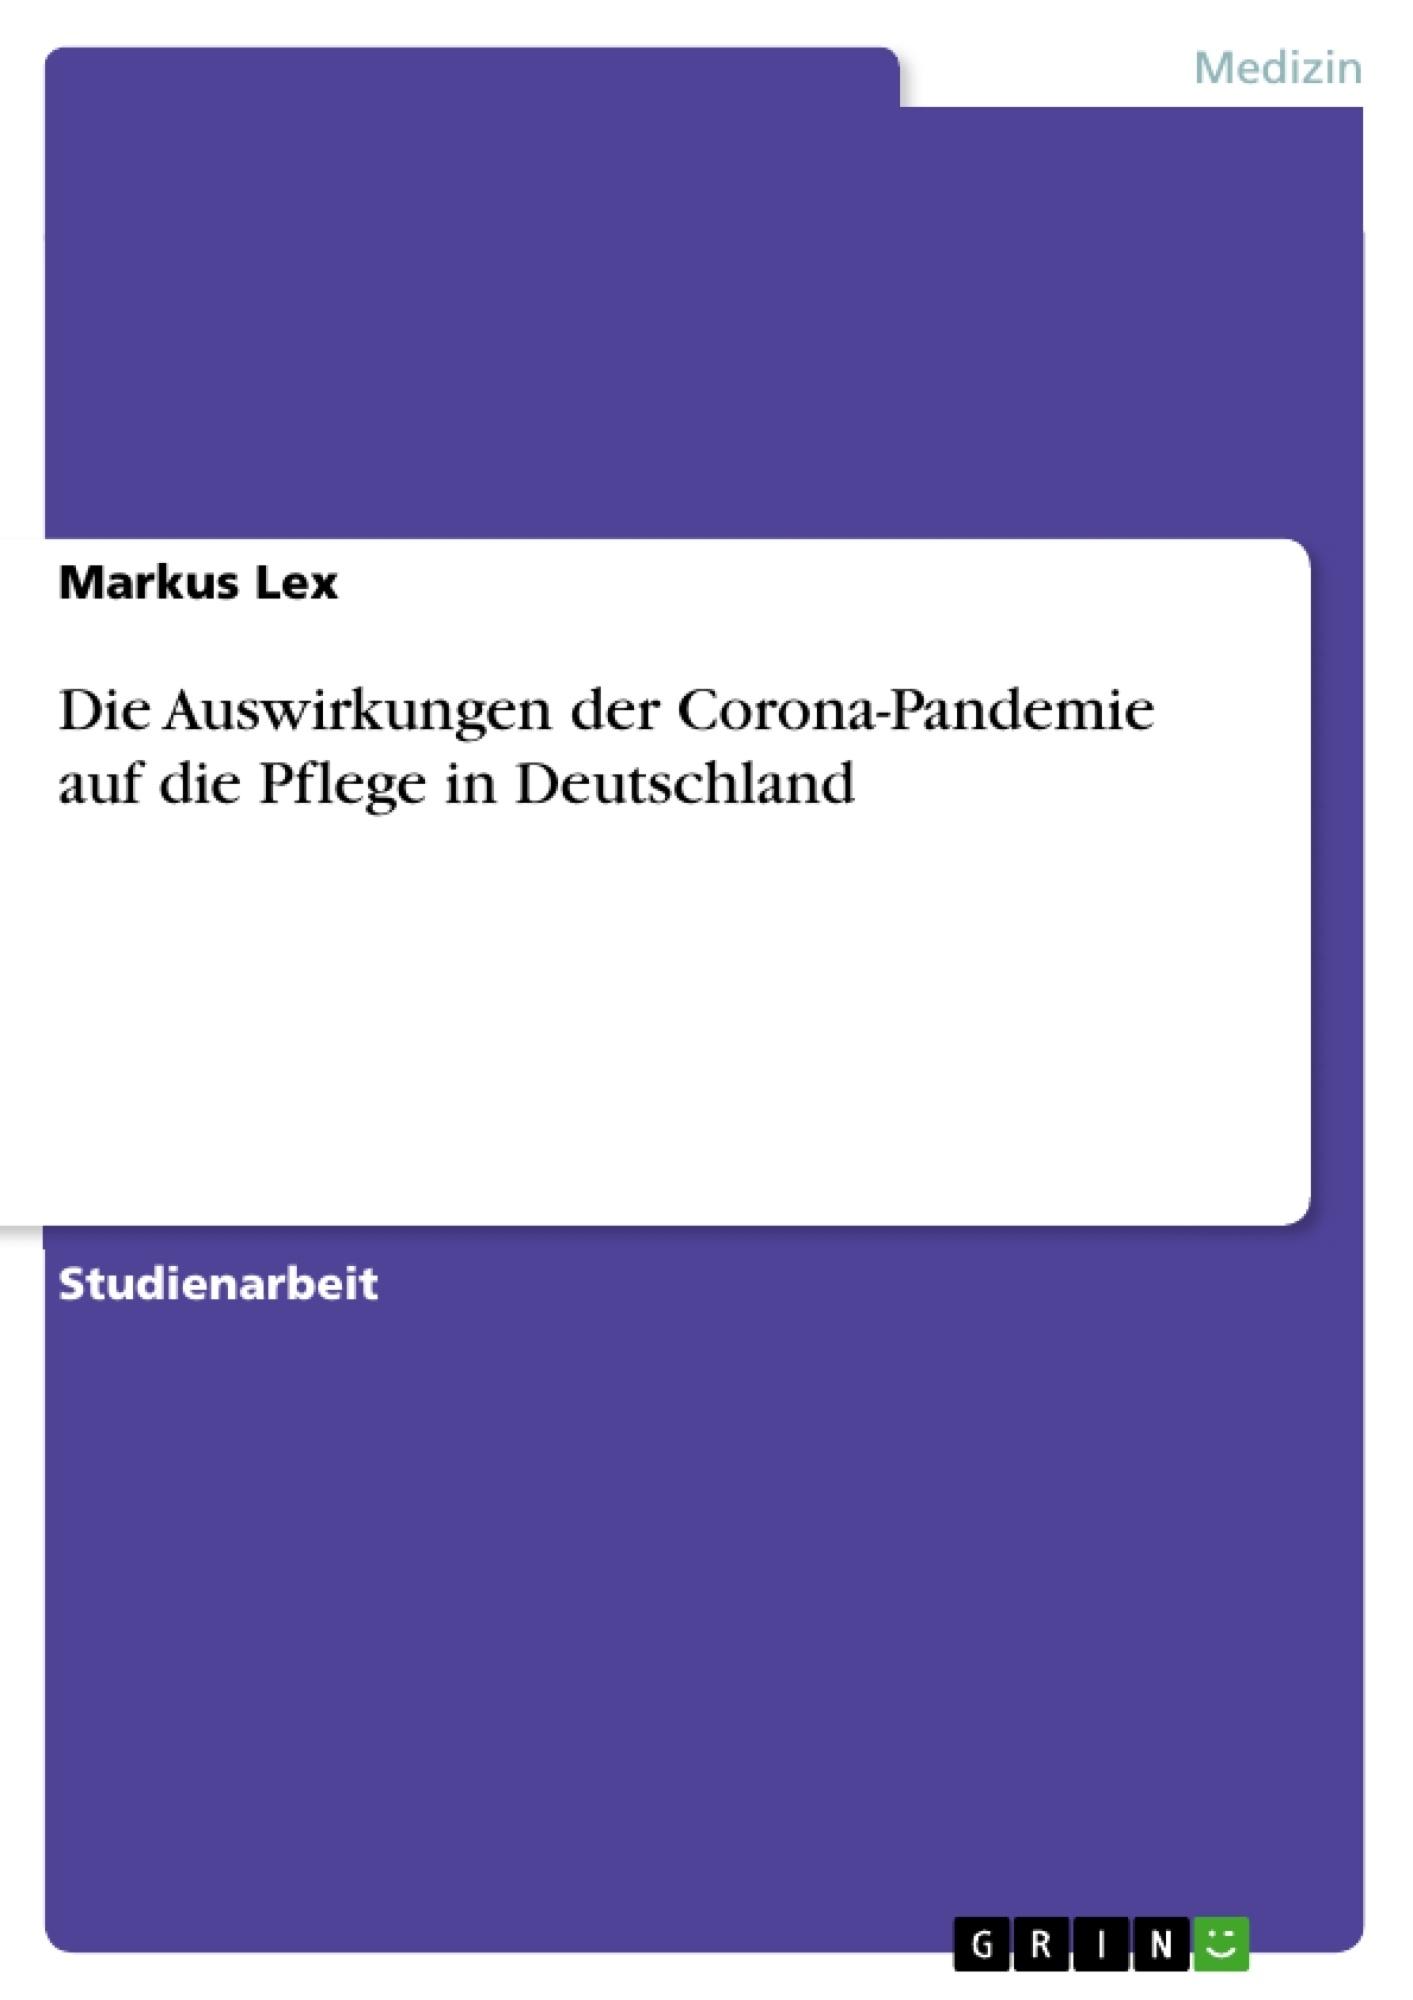 Titel: Die Auswirkungen der Corona-Pandemie auf die Pflege in Deutschland